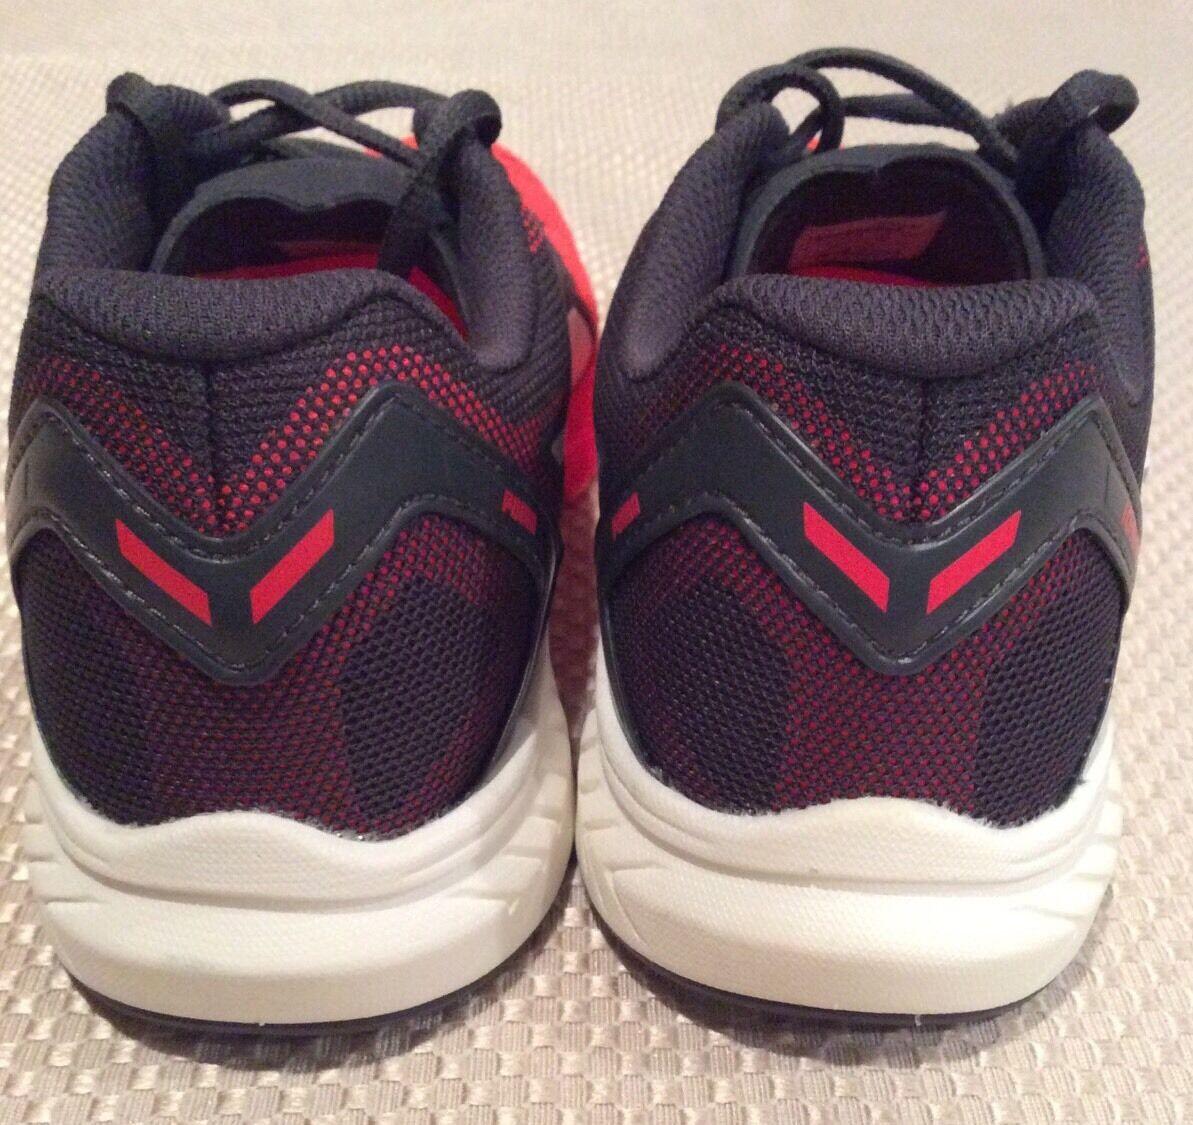 Neue adidas / entzünden zwei männer laufschuhe orange / grau / adidas weiß sz 10.50 8ec2ad